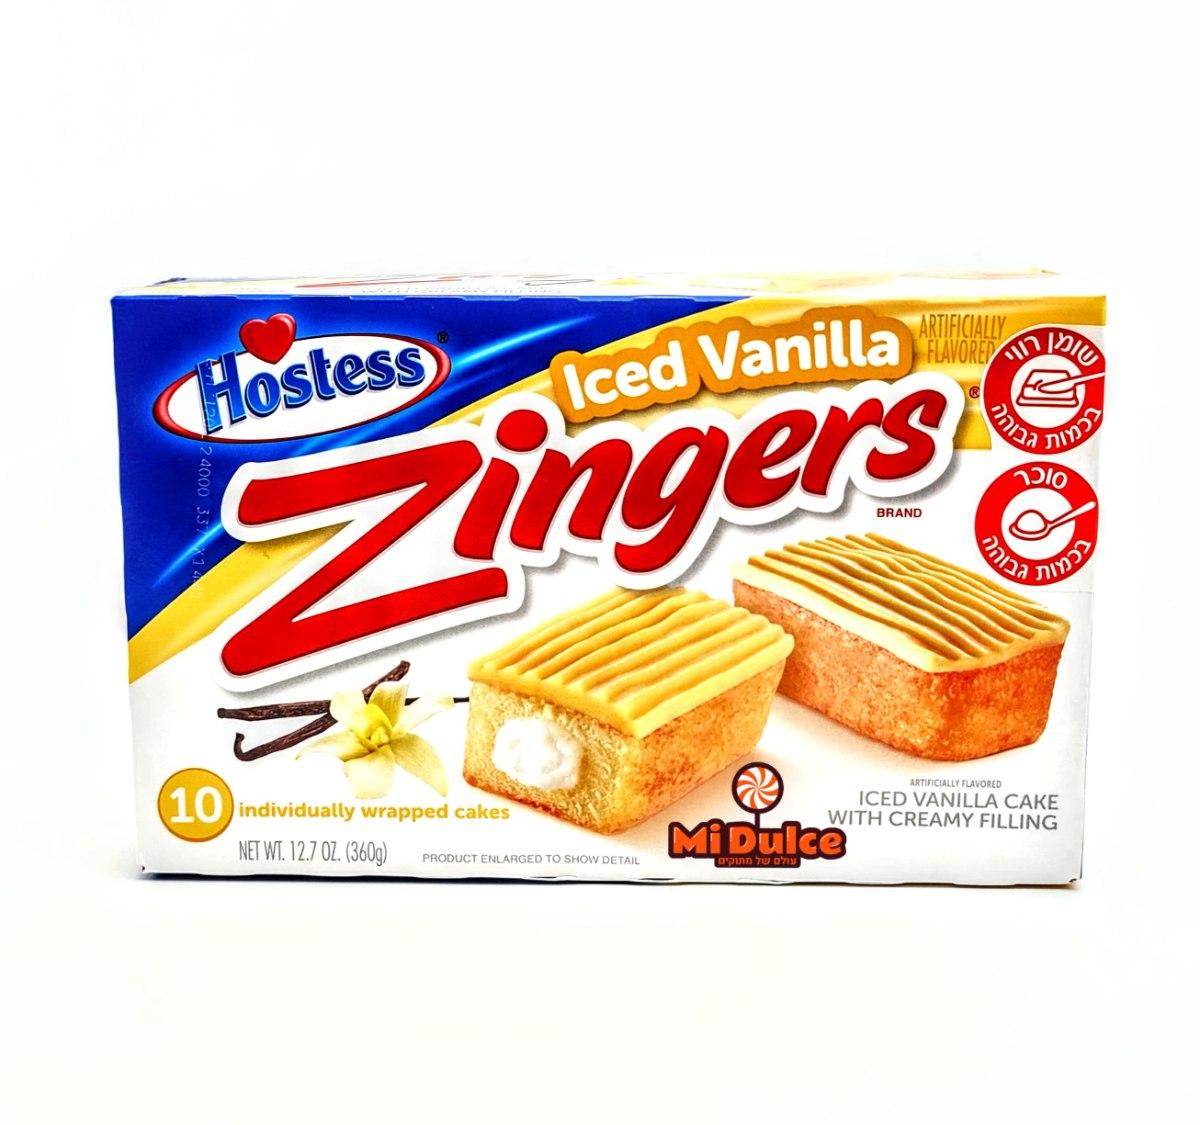 Hostess Zingers Vanilla